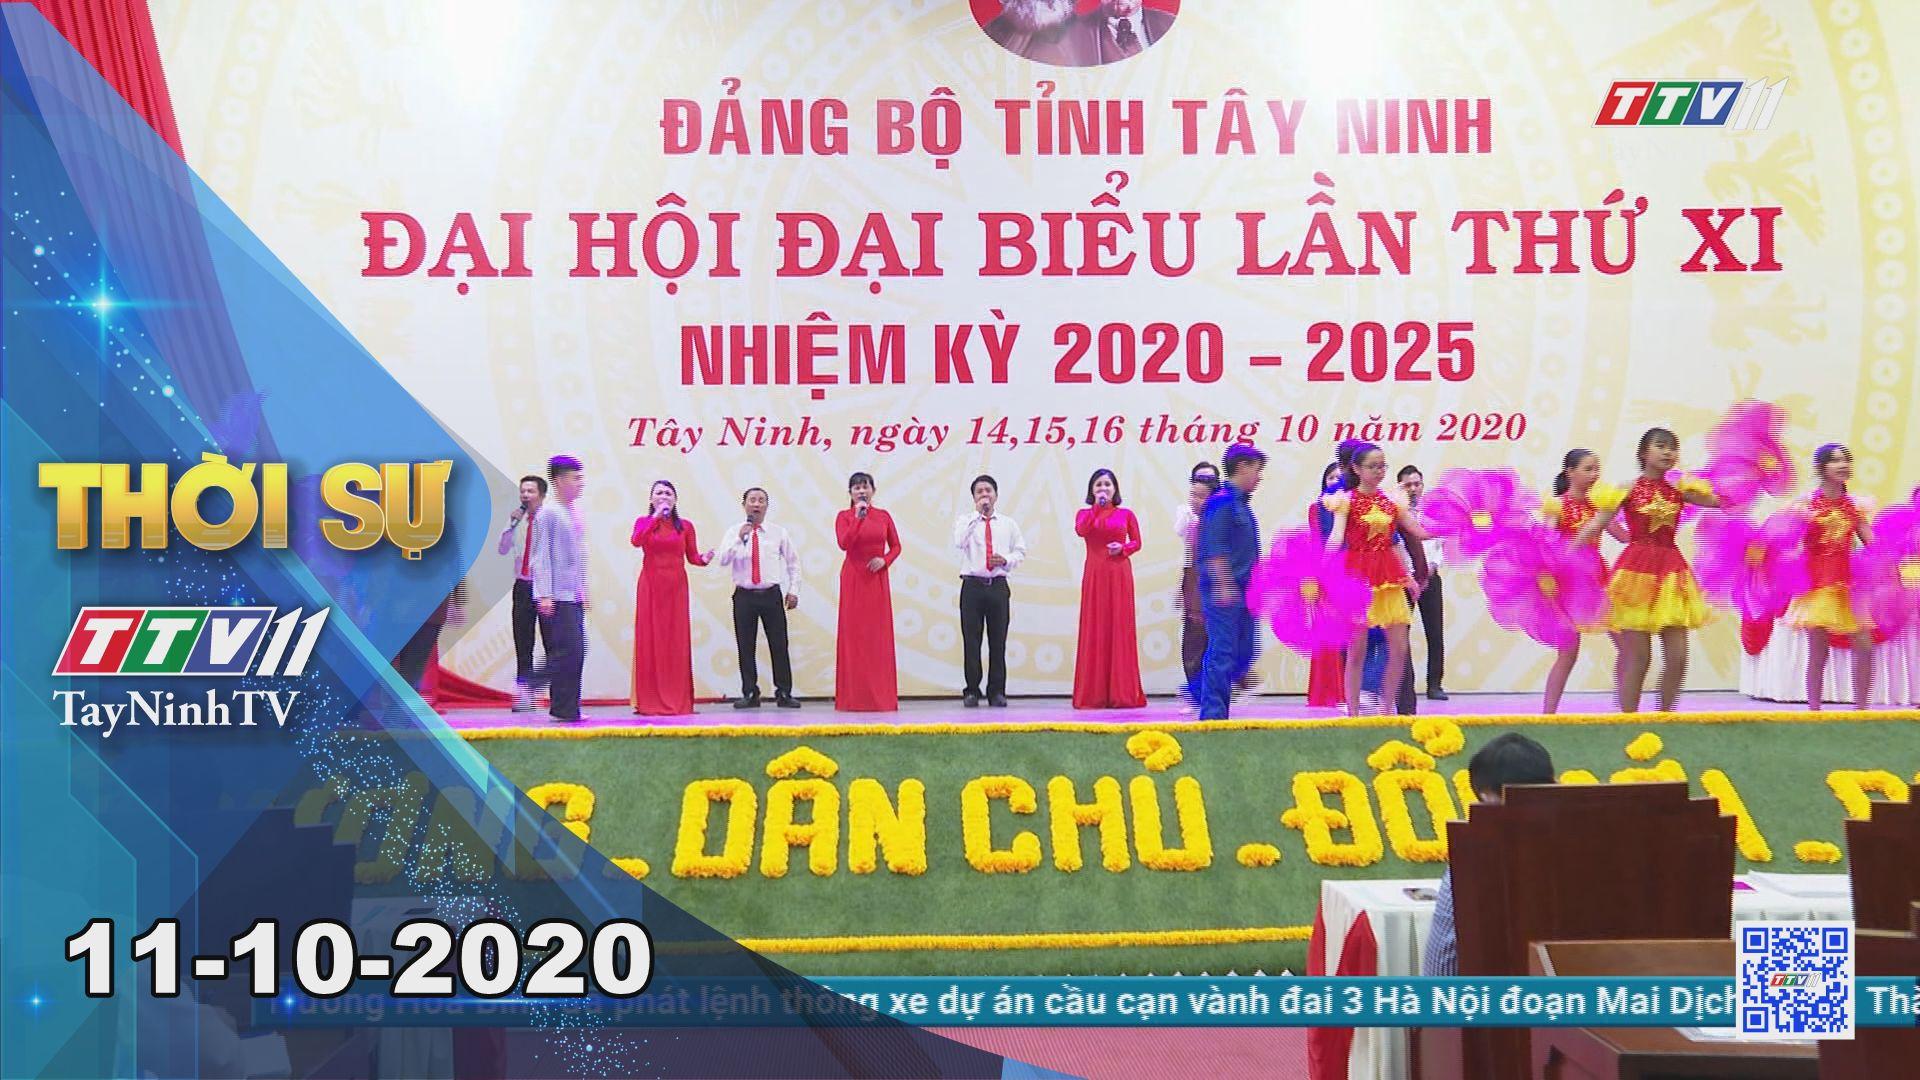 Thời sự Tây Ninh 11-10-2020 | Tin tức hôm nay | TayNinhTV